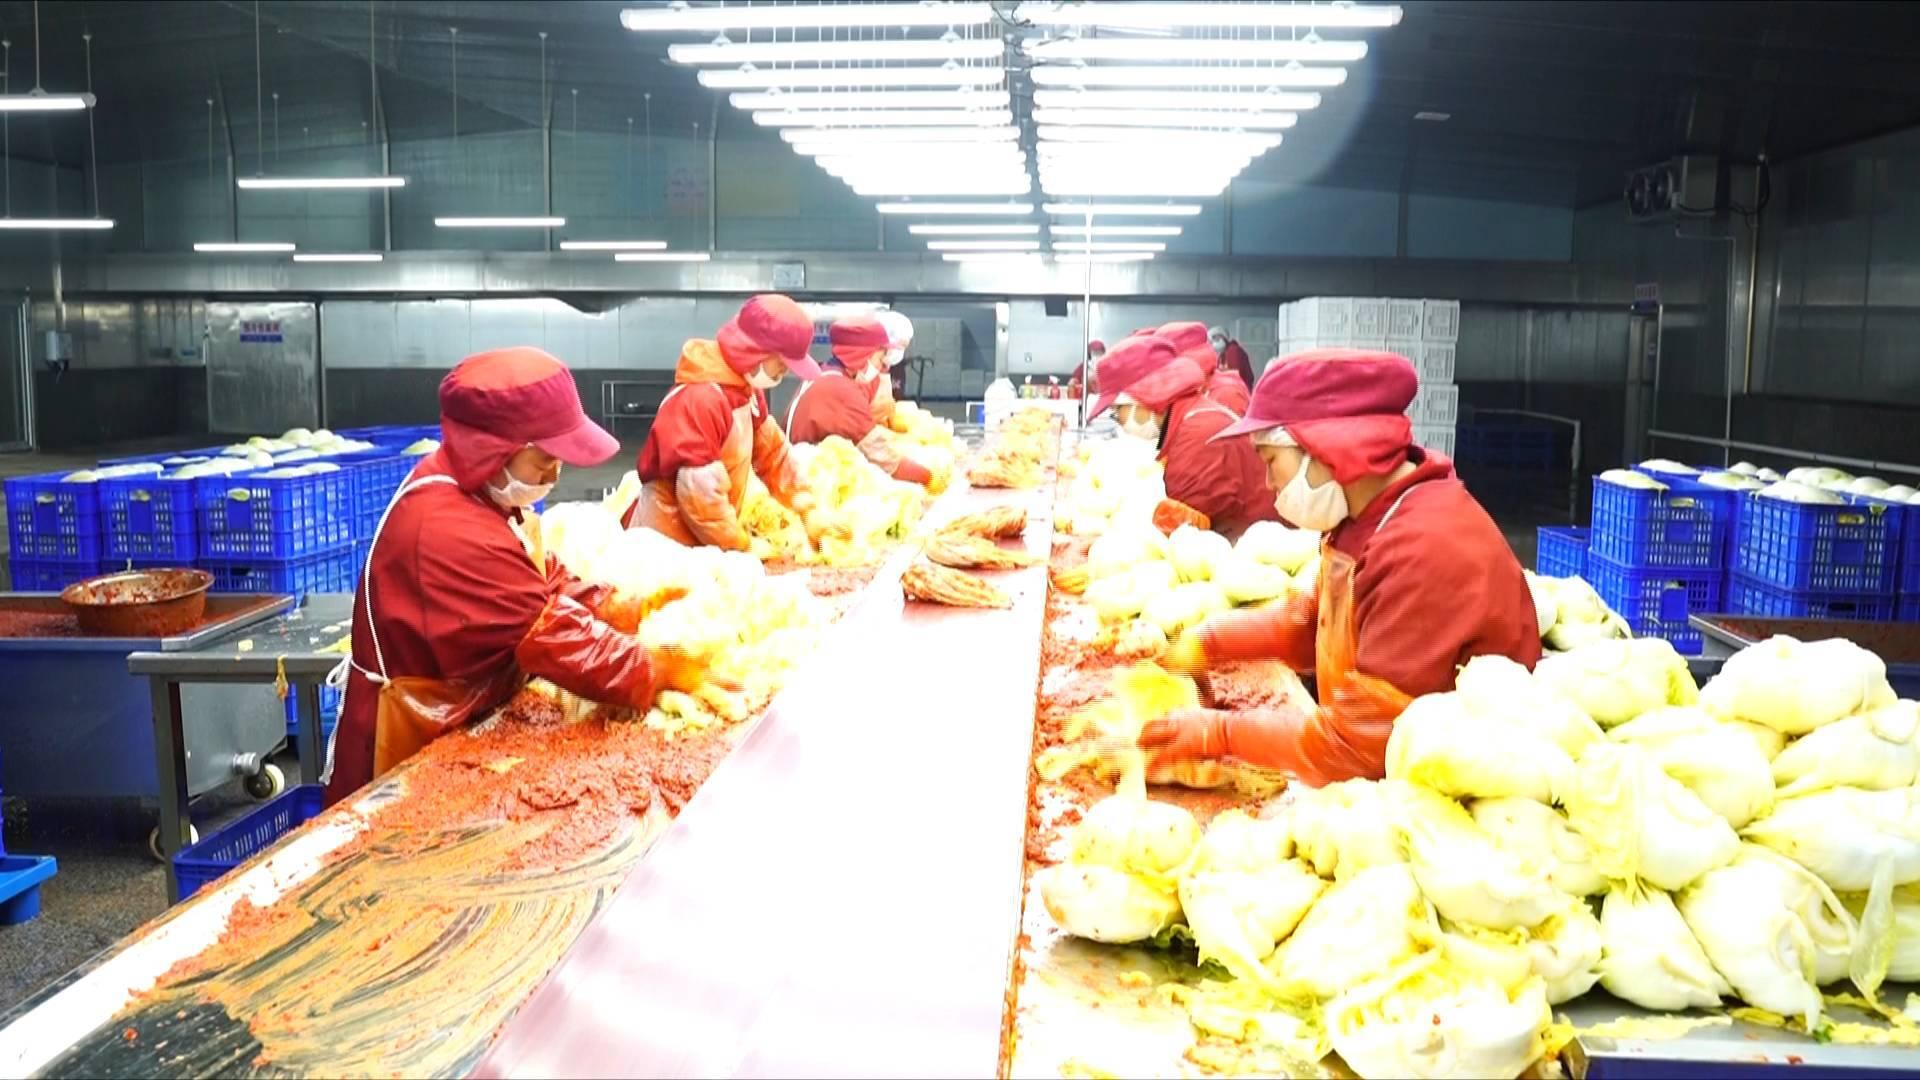 77秒丨山东企业输韩泡菜居全国首位 每天出口近100吨仍供不应求